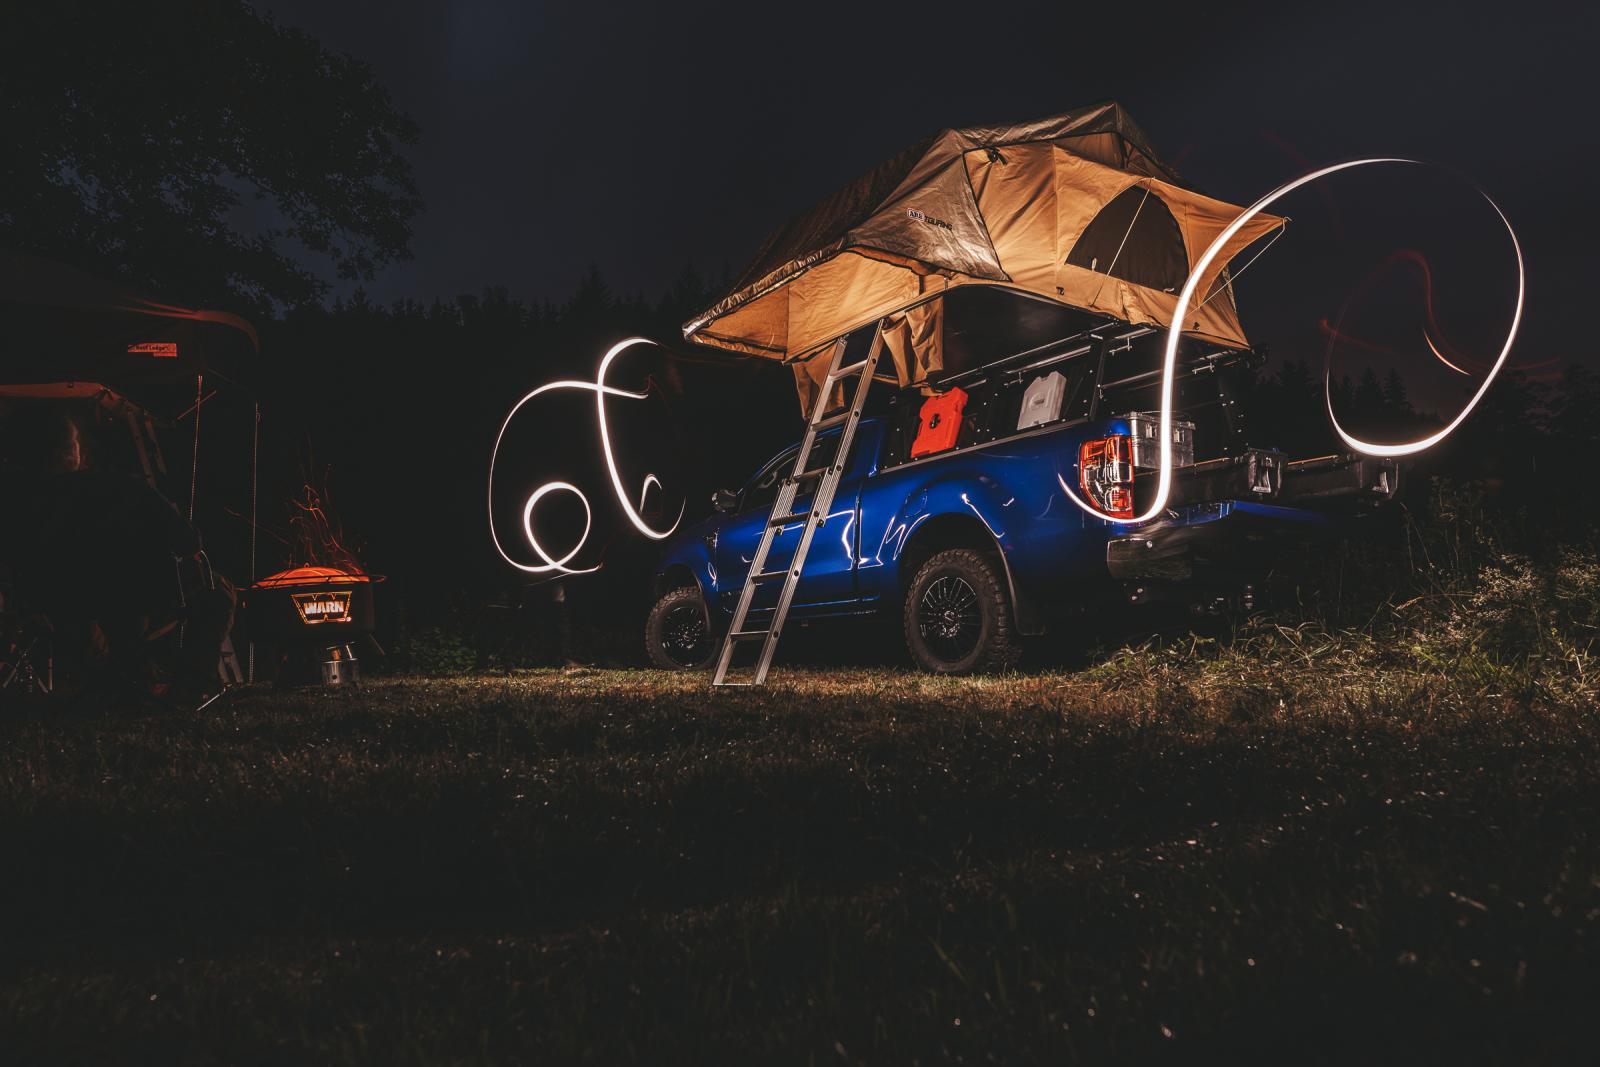 So macht Camping Spaß, mit der richtigen Ausrüstung.